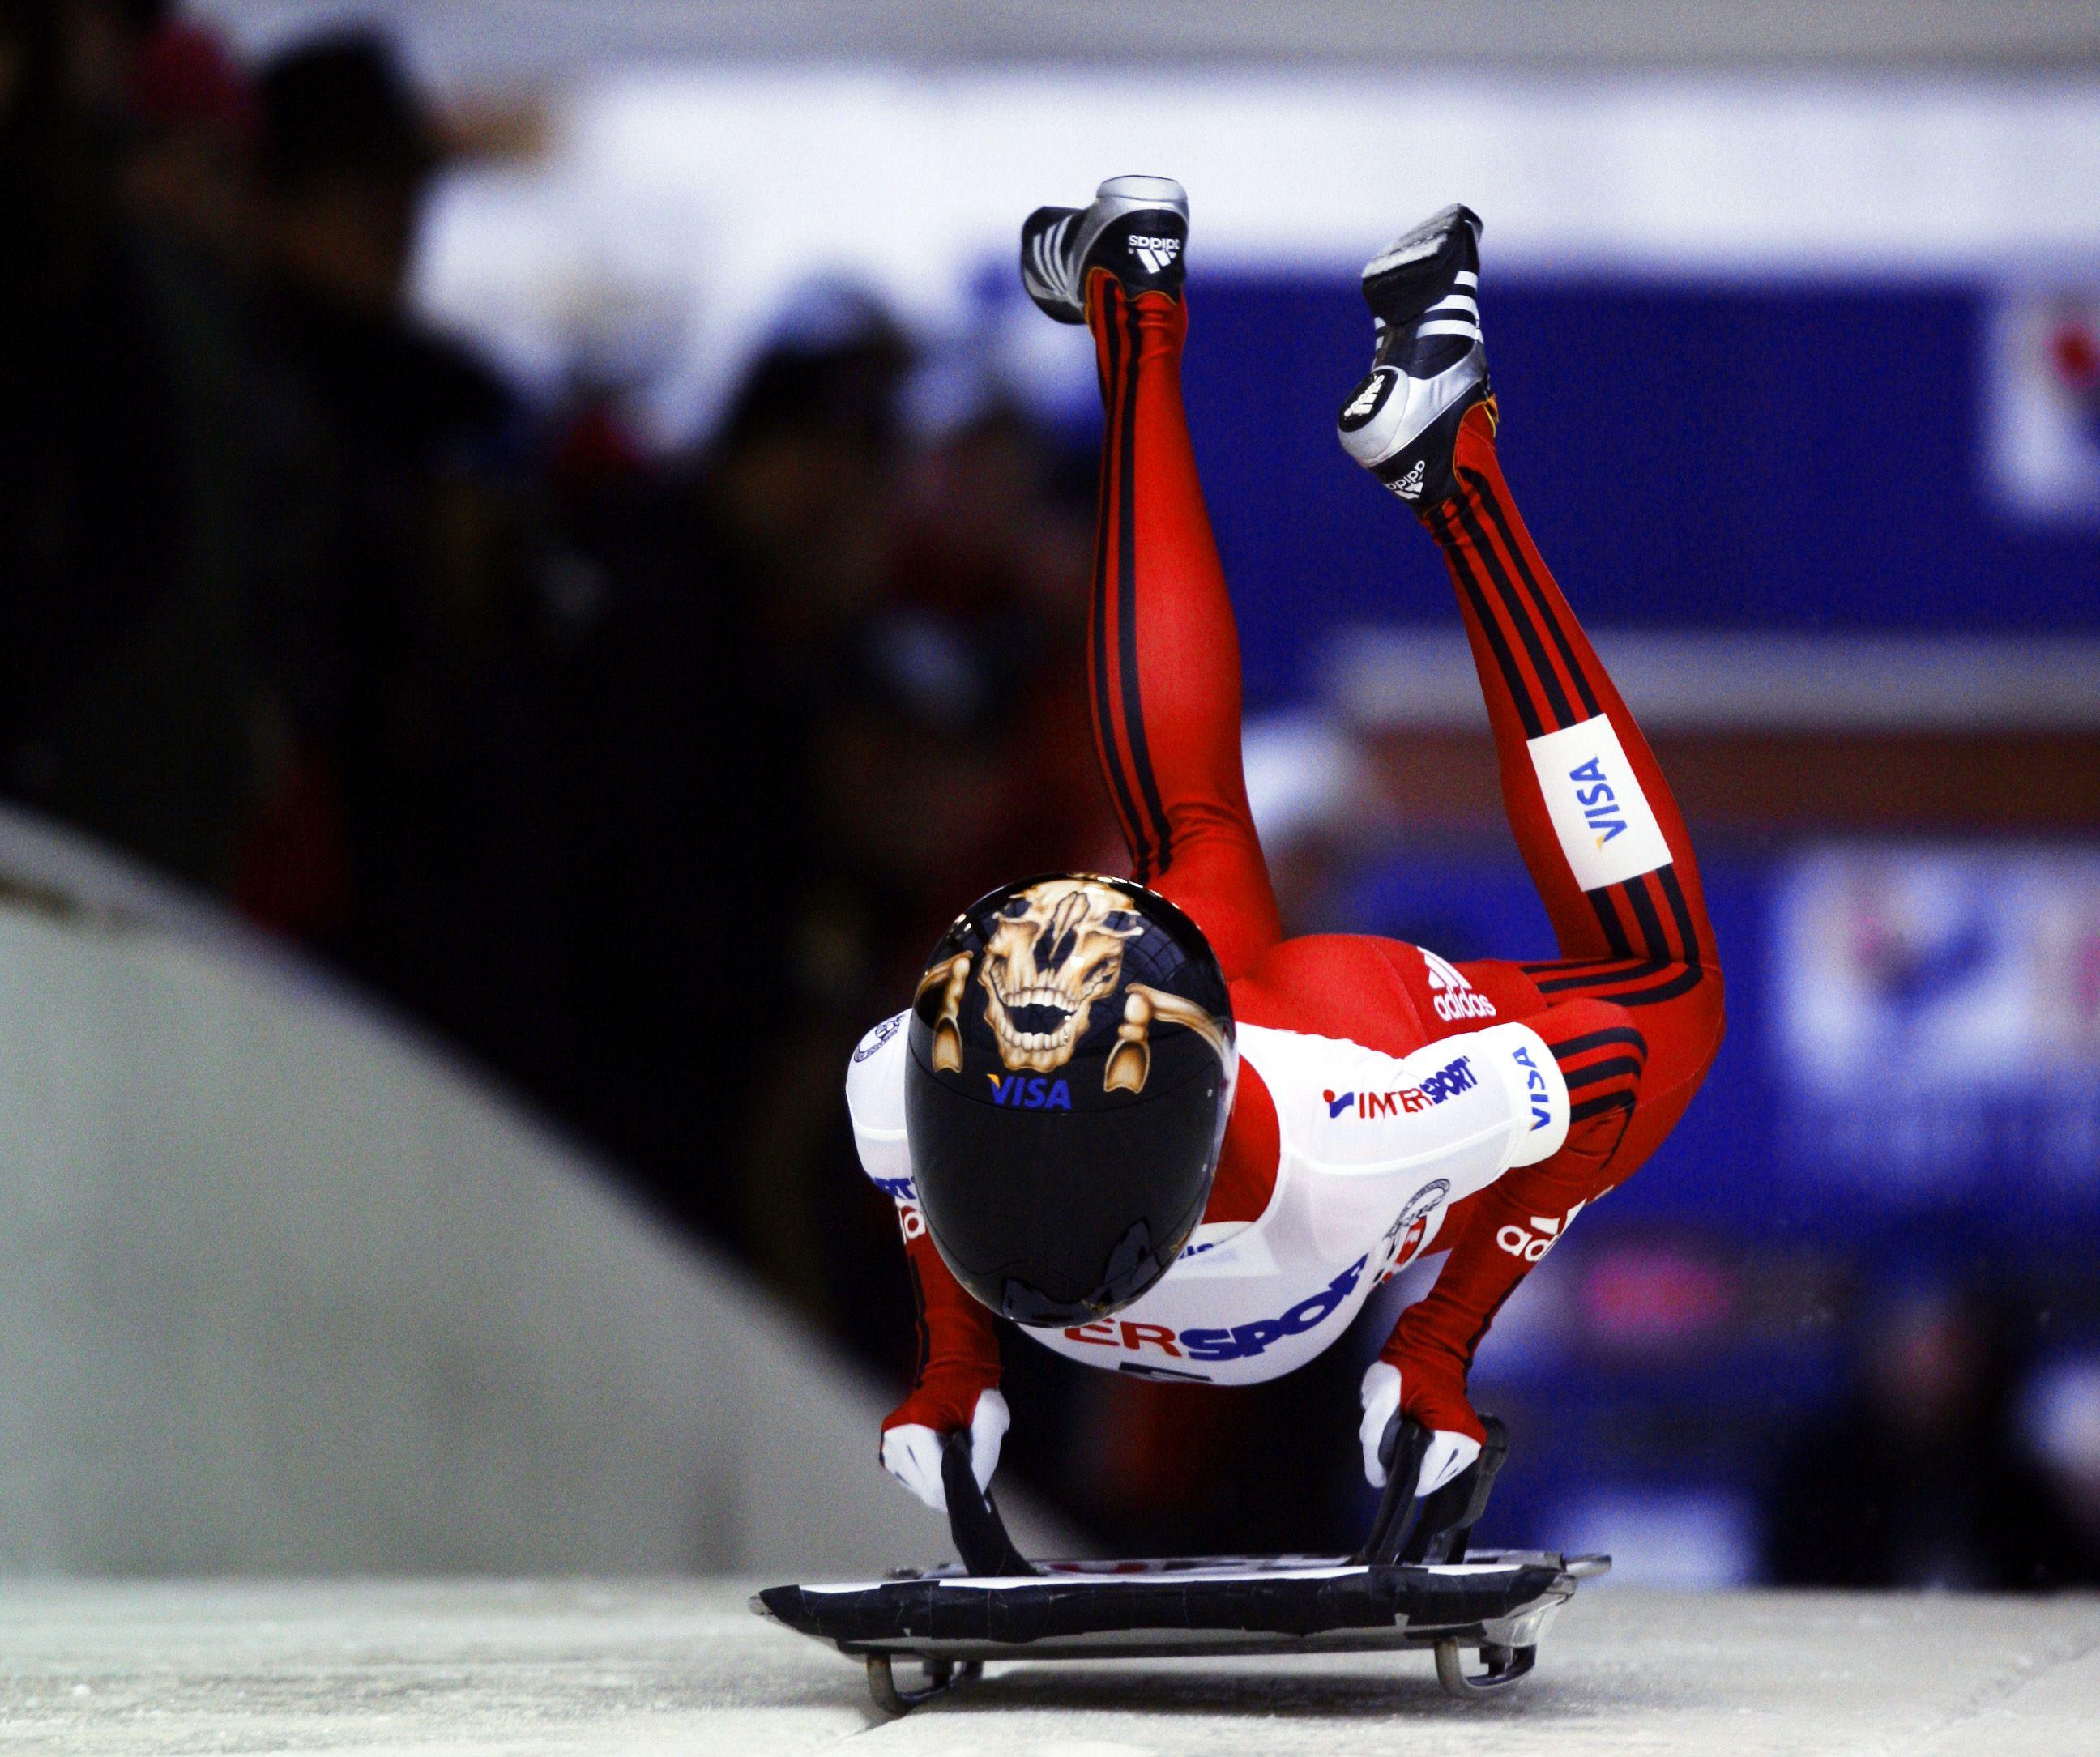 Jo Skeleton Promesses De Medailles En Skeleton Sport Olympique Sport D Hiver Sport